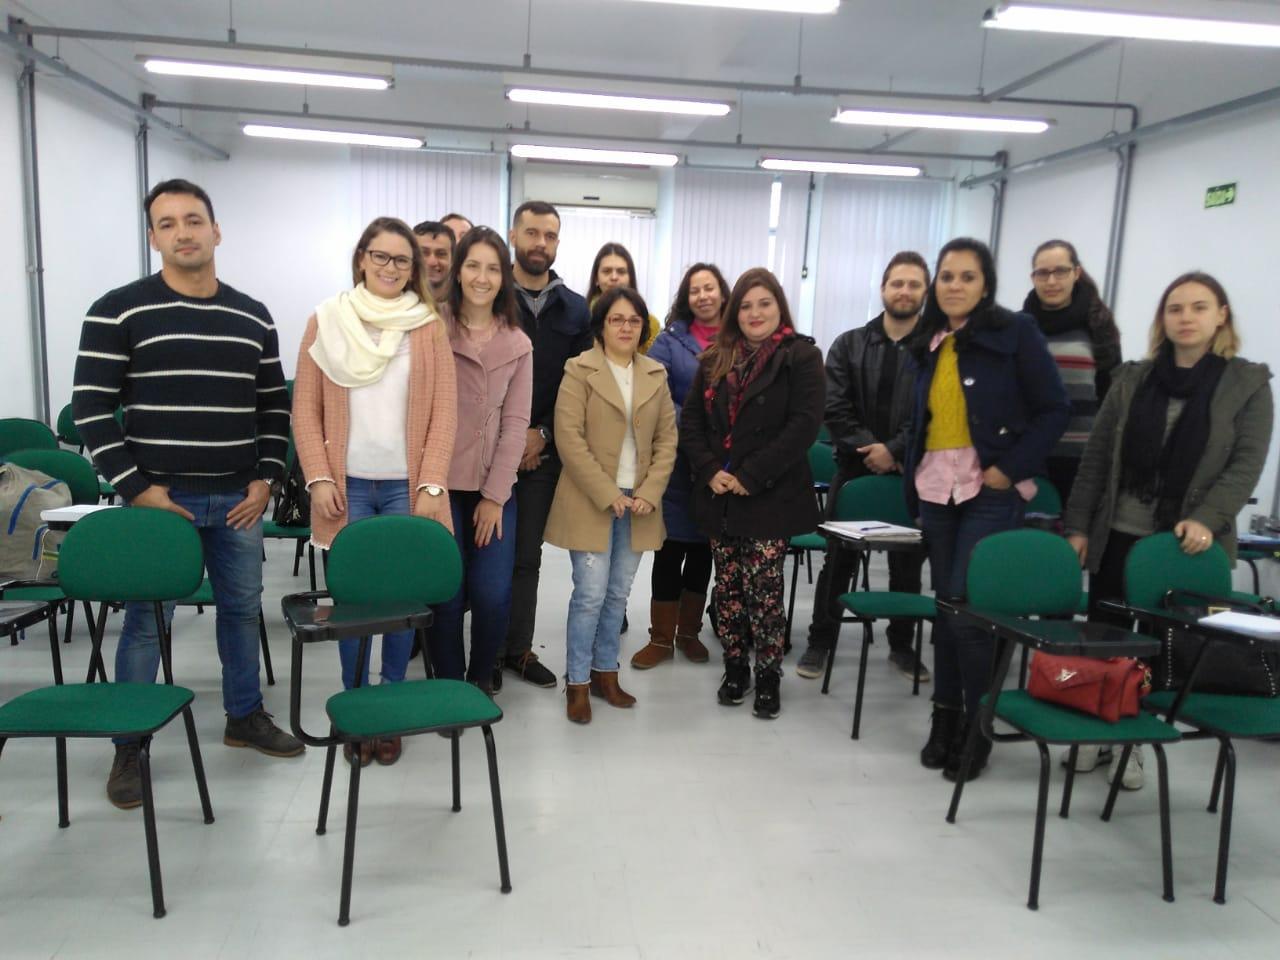 Foto mostra 14 servidores em pé, lado a lado, em uma sala de aula com cadeiras verdes